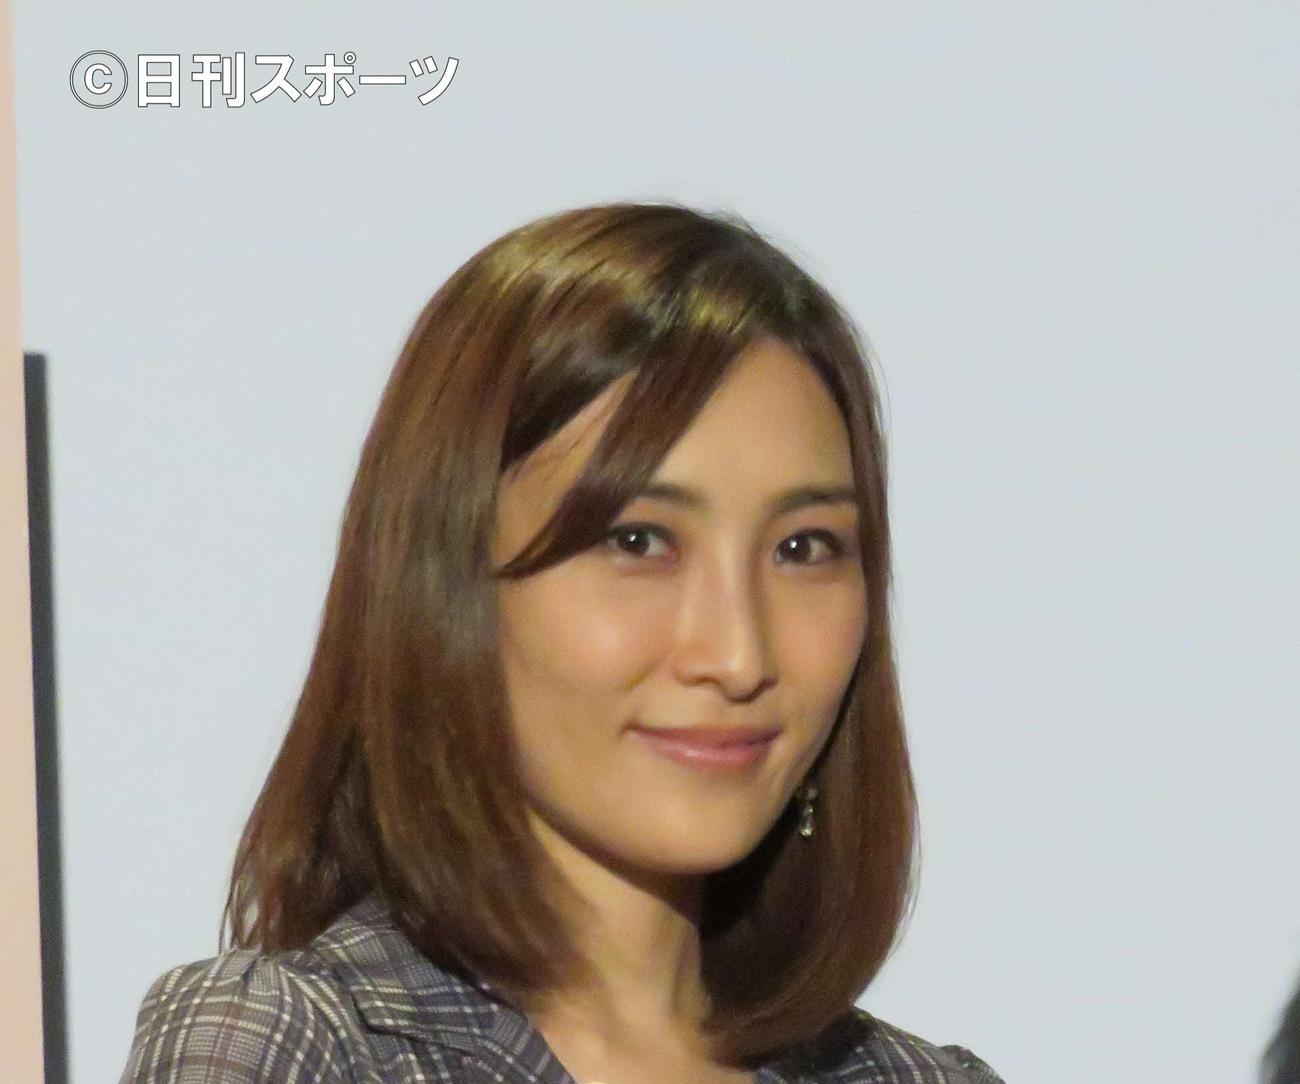 はあちゅうさん(18年9月撮影)